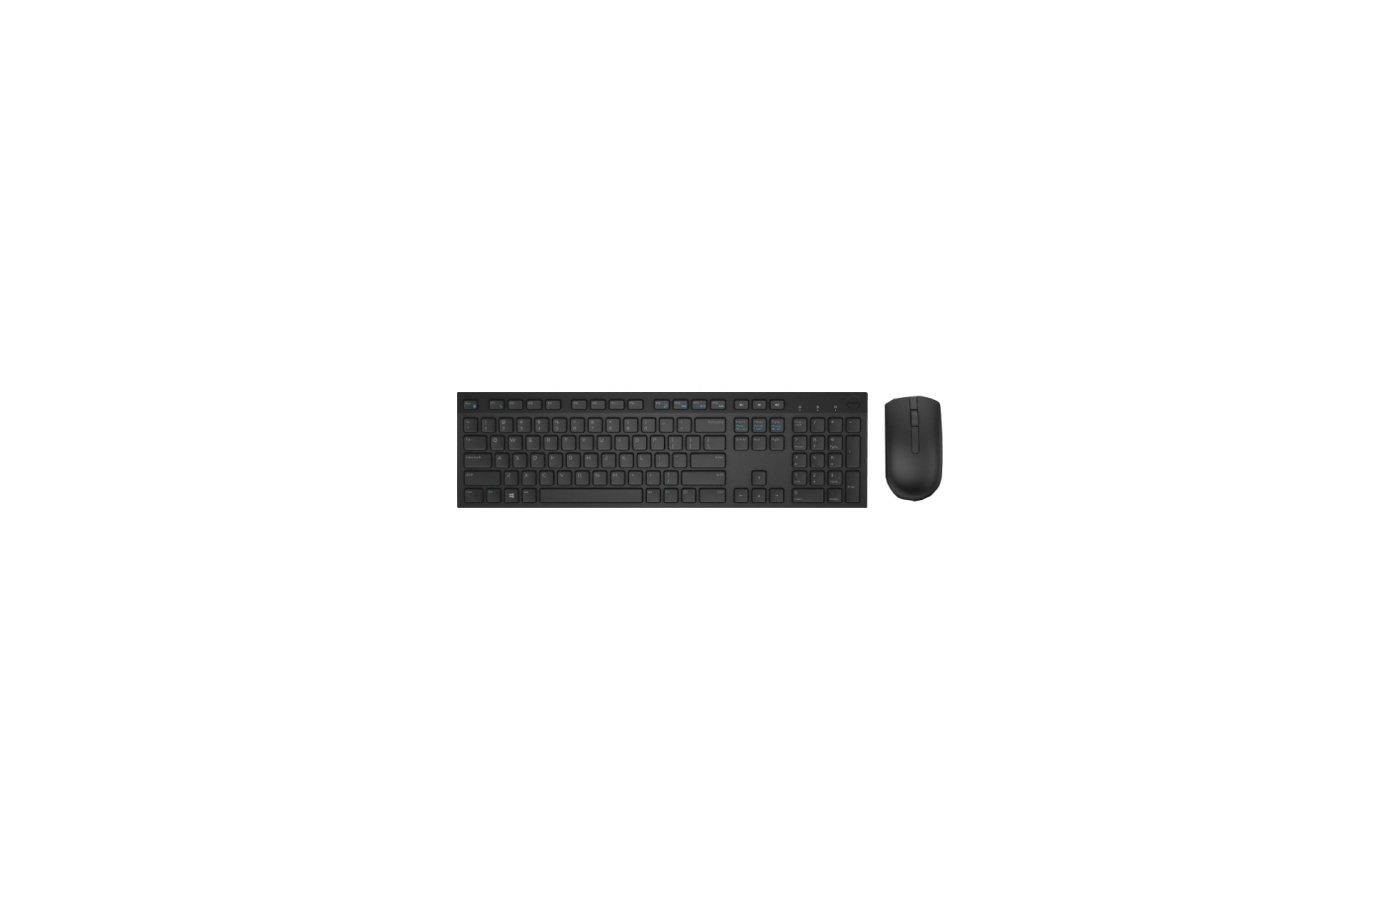 Клавиатура + мышь Dell KM636 черный